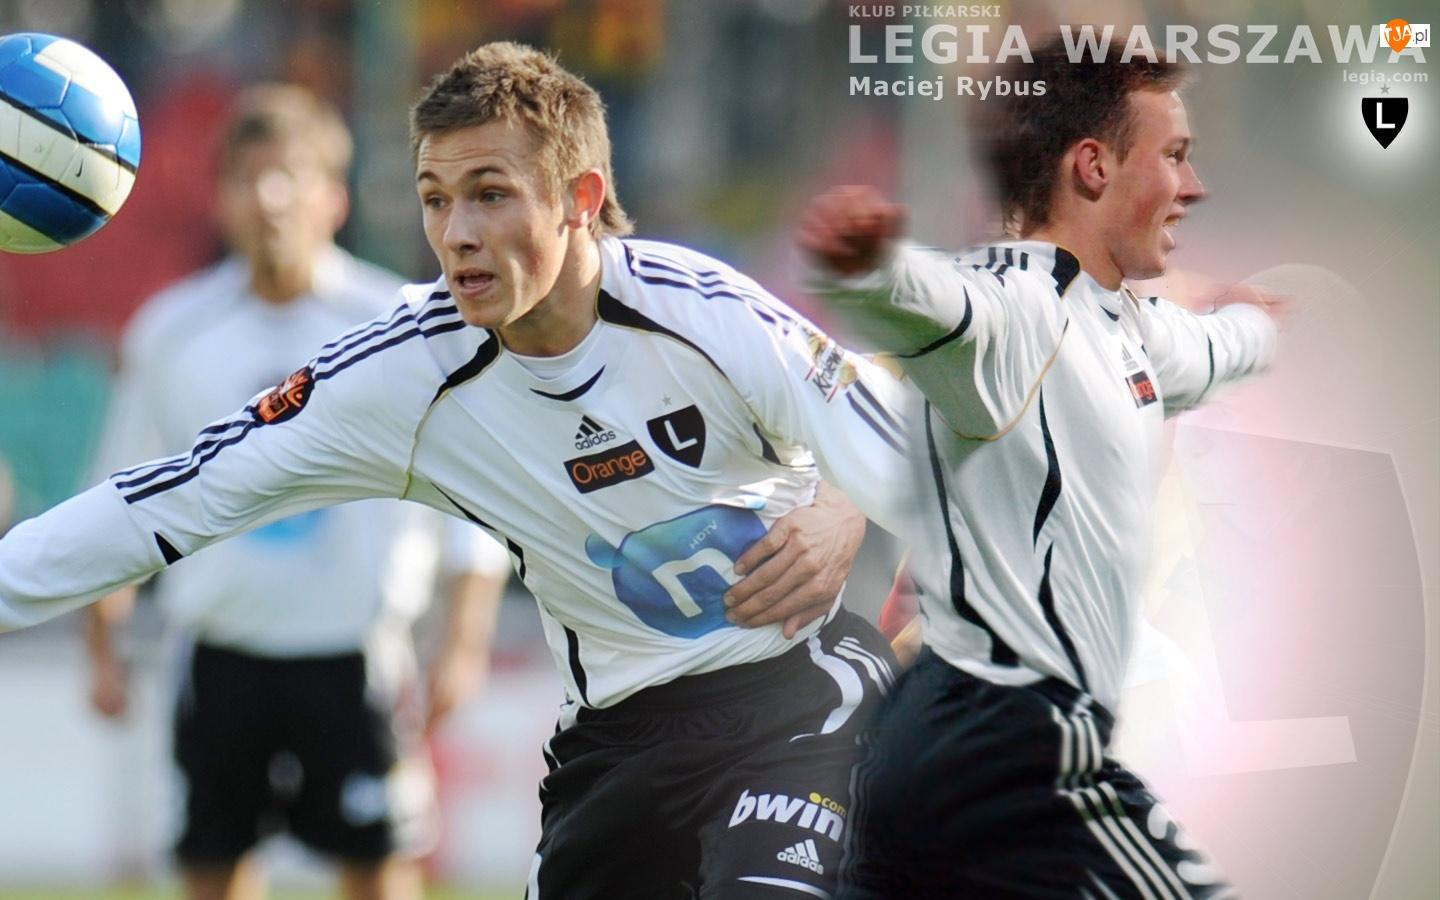 Maciej Rybus, Legia Warszawa, Zawodnik